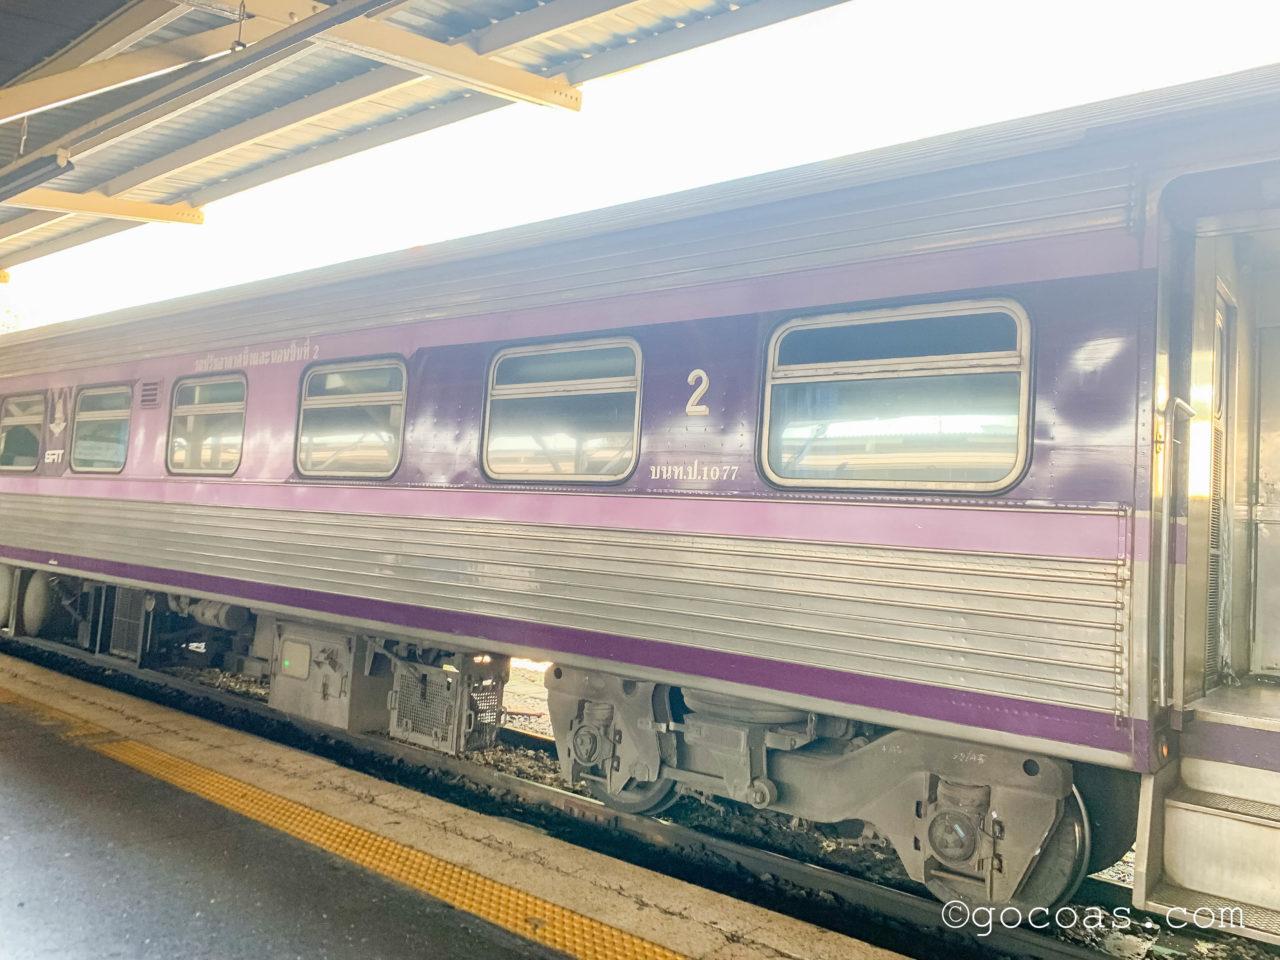 Hua Lamphong駅に停車している電車の2号車